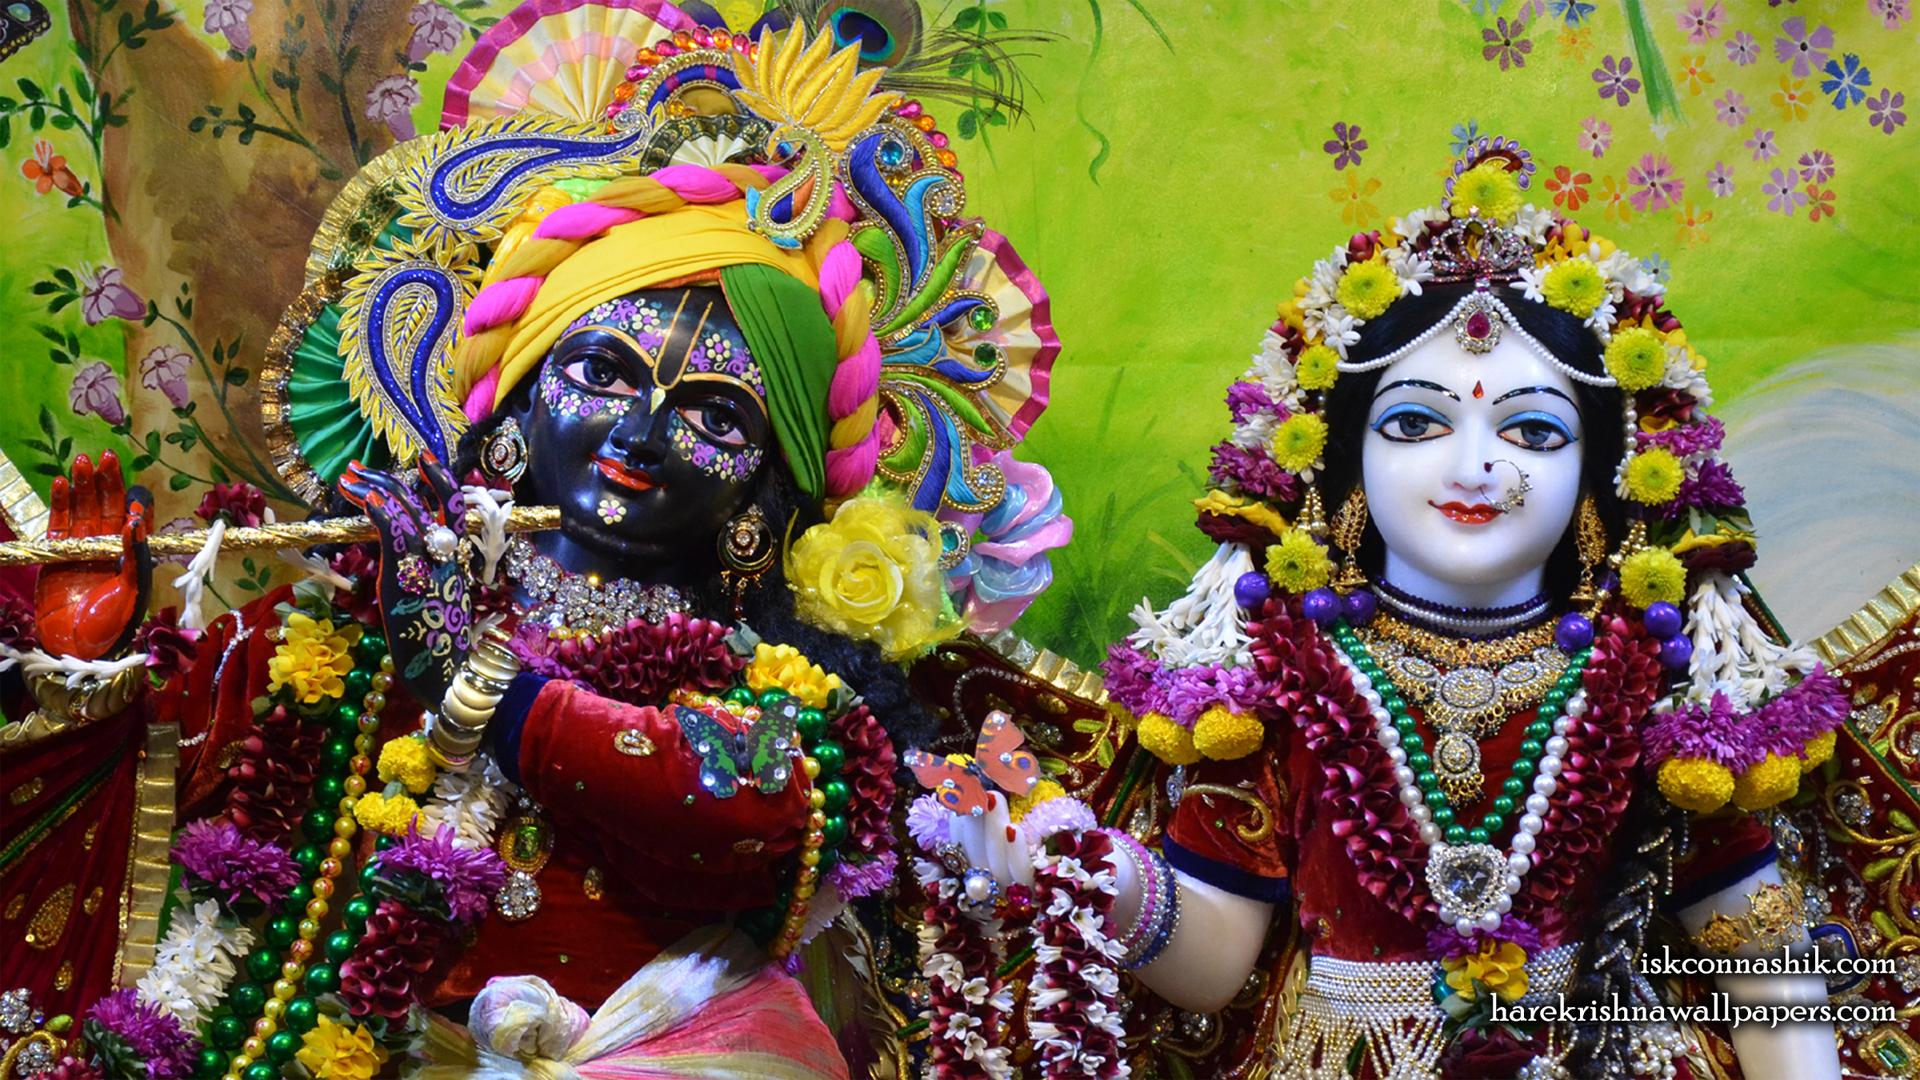 Sri Sri Radha Madan Gopal Close up Wallpaper (015) Size 1920x1080 Download